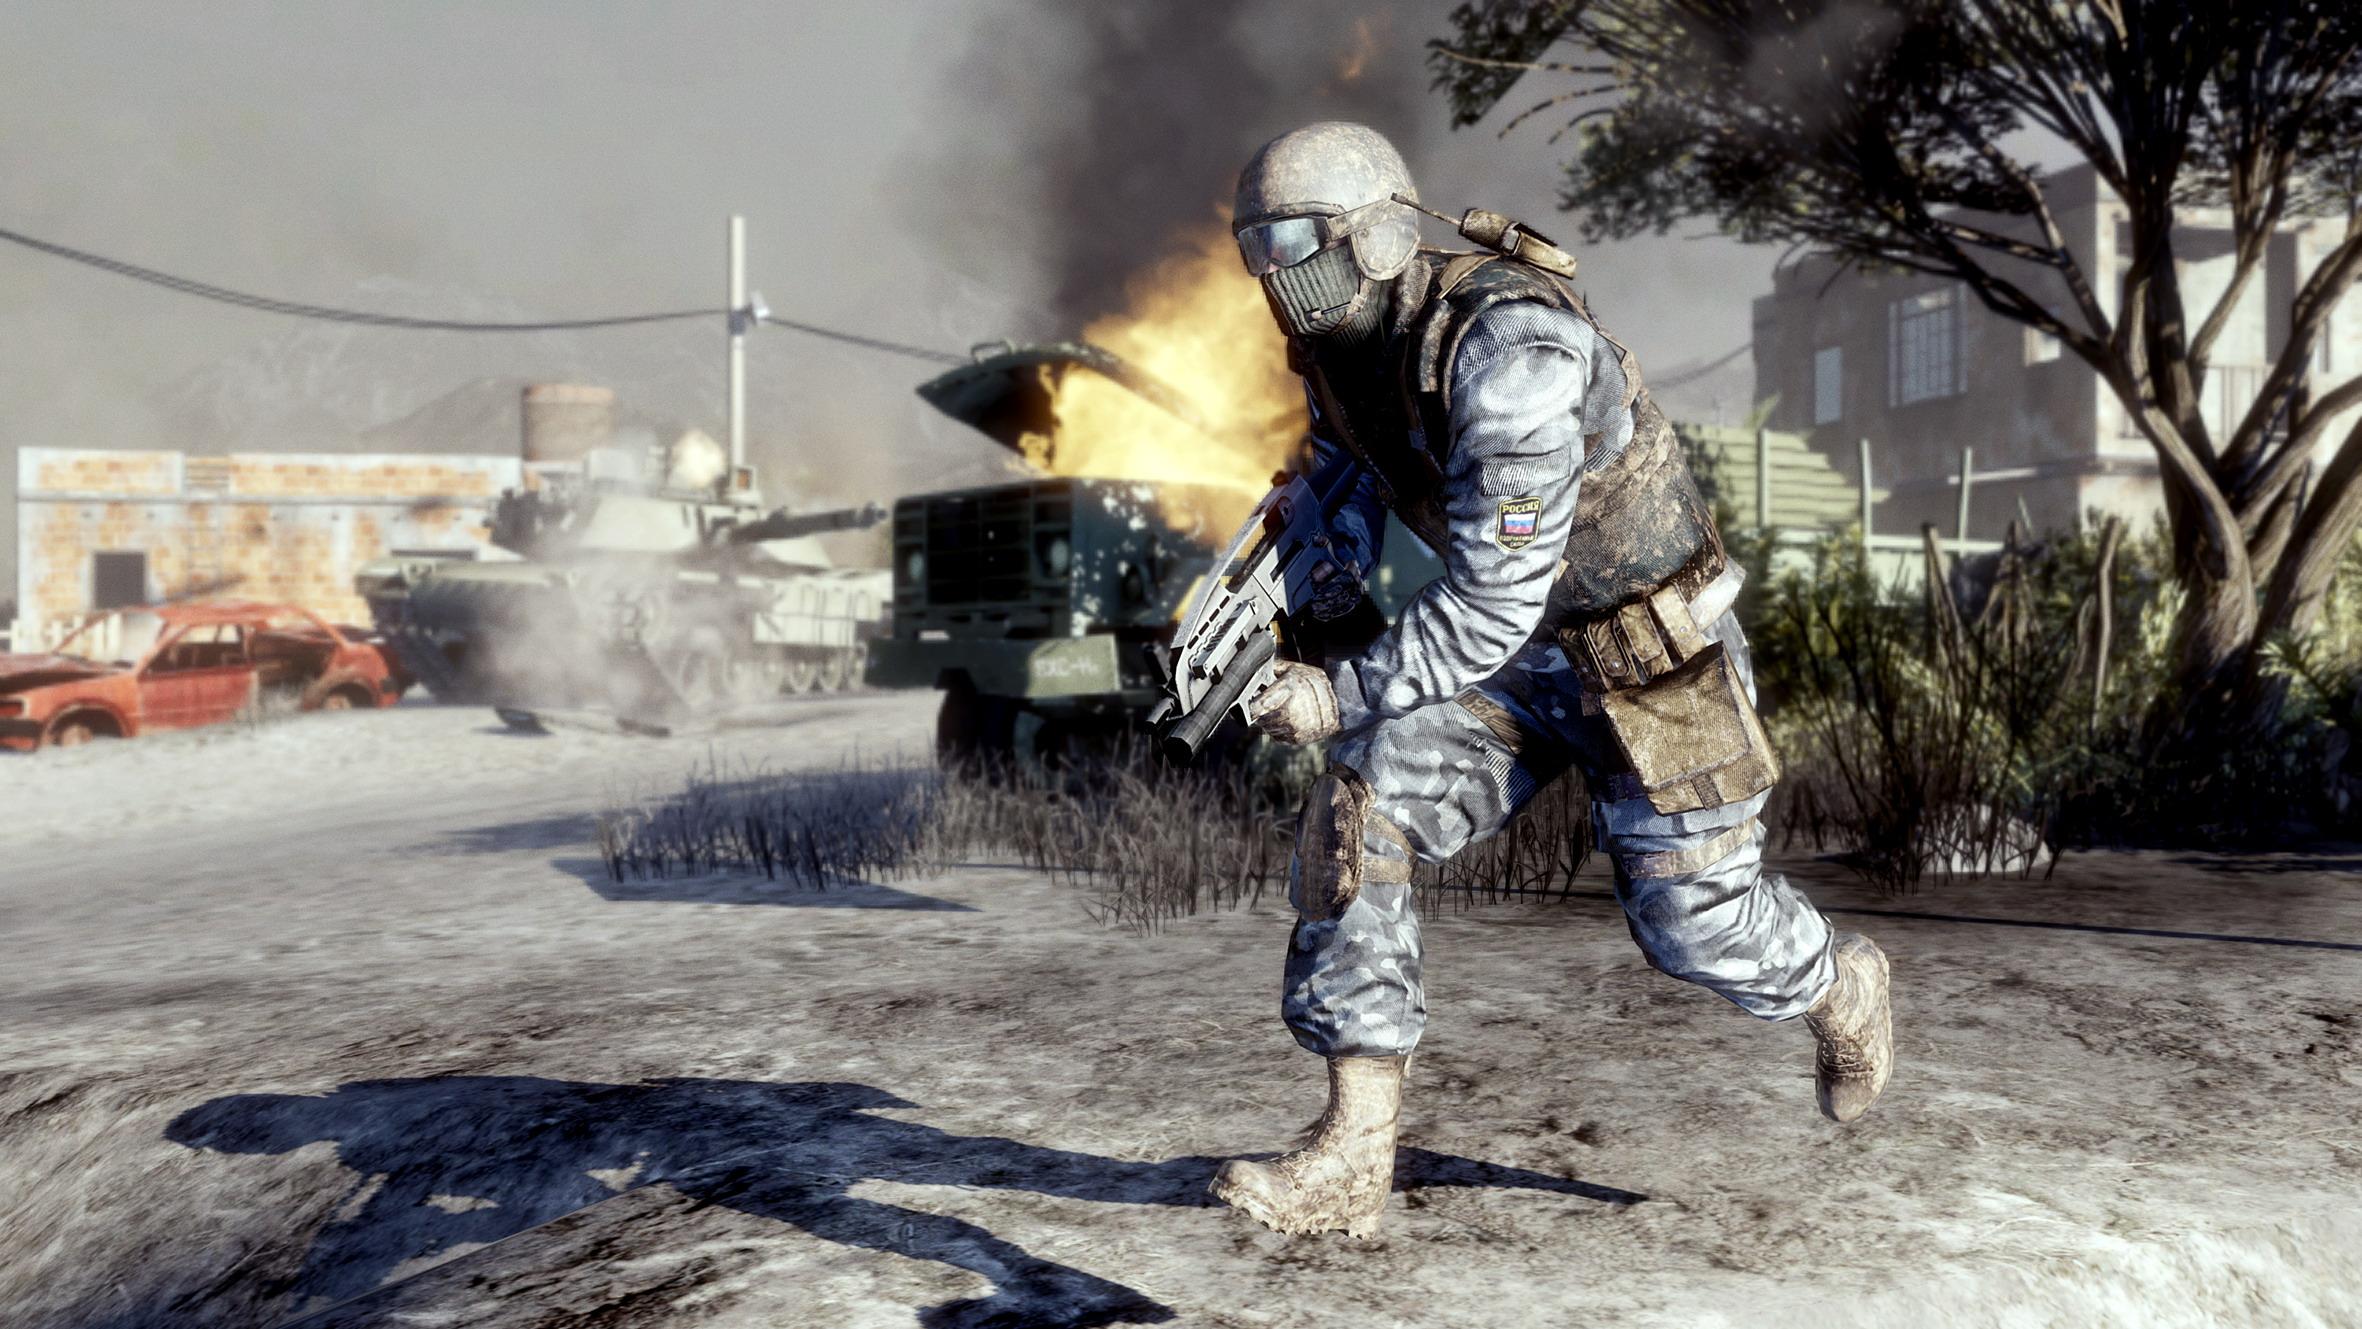 Battlefieldbc2 edit005